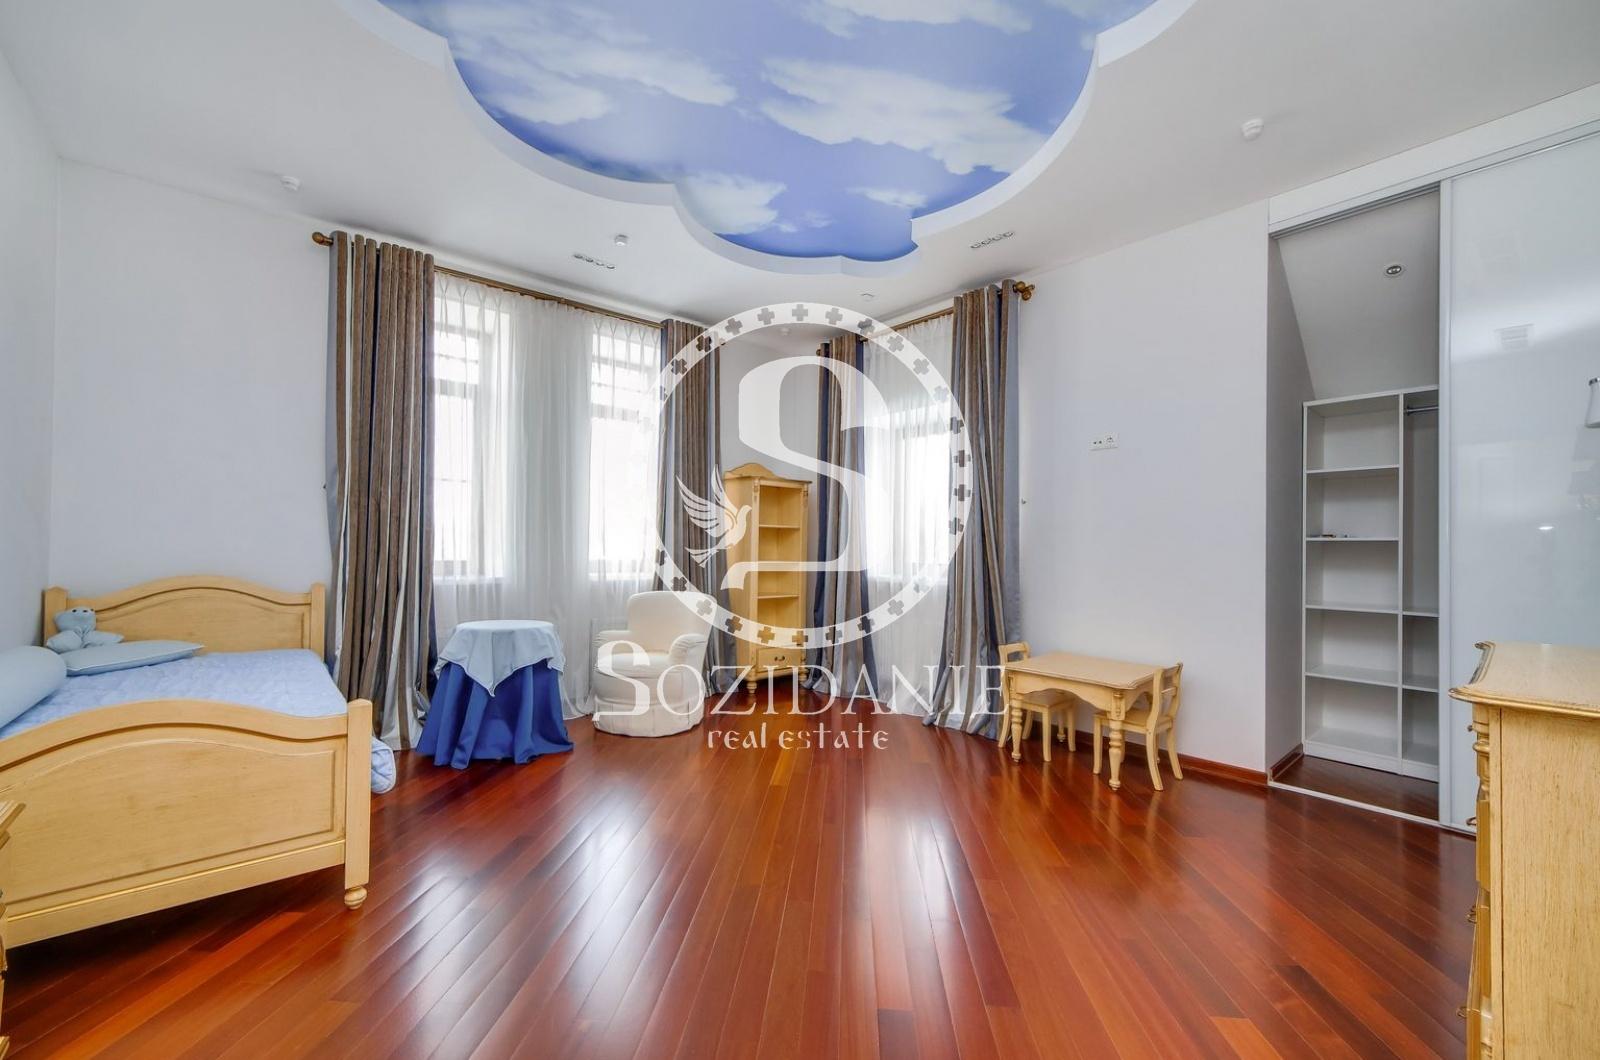 4 Bedrooms, Загородная, Аренда, Listing ID 1543, Московская область, Россия,